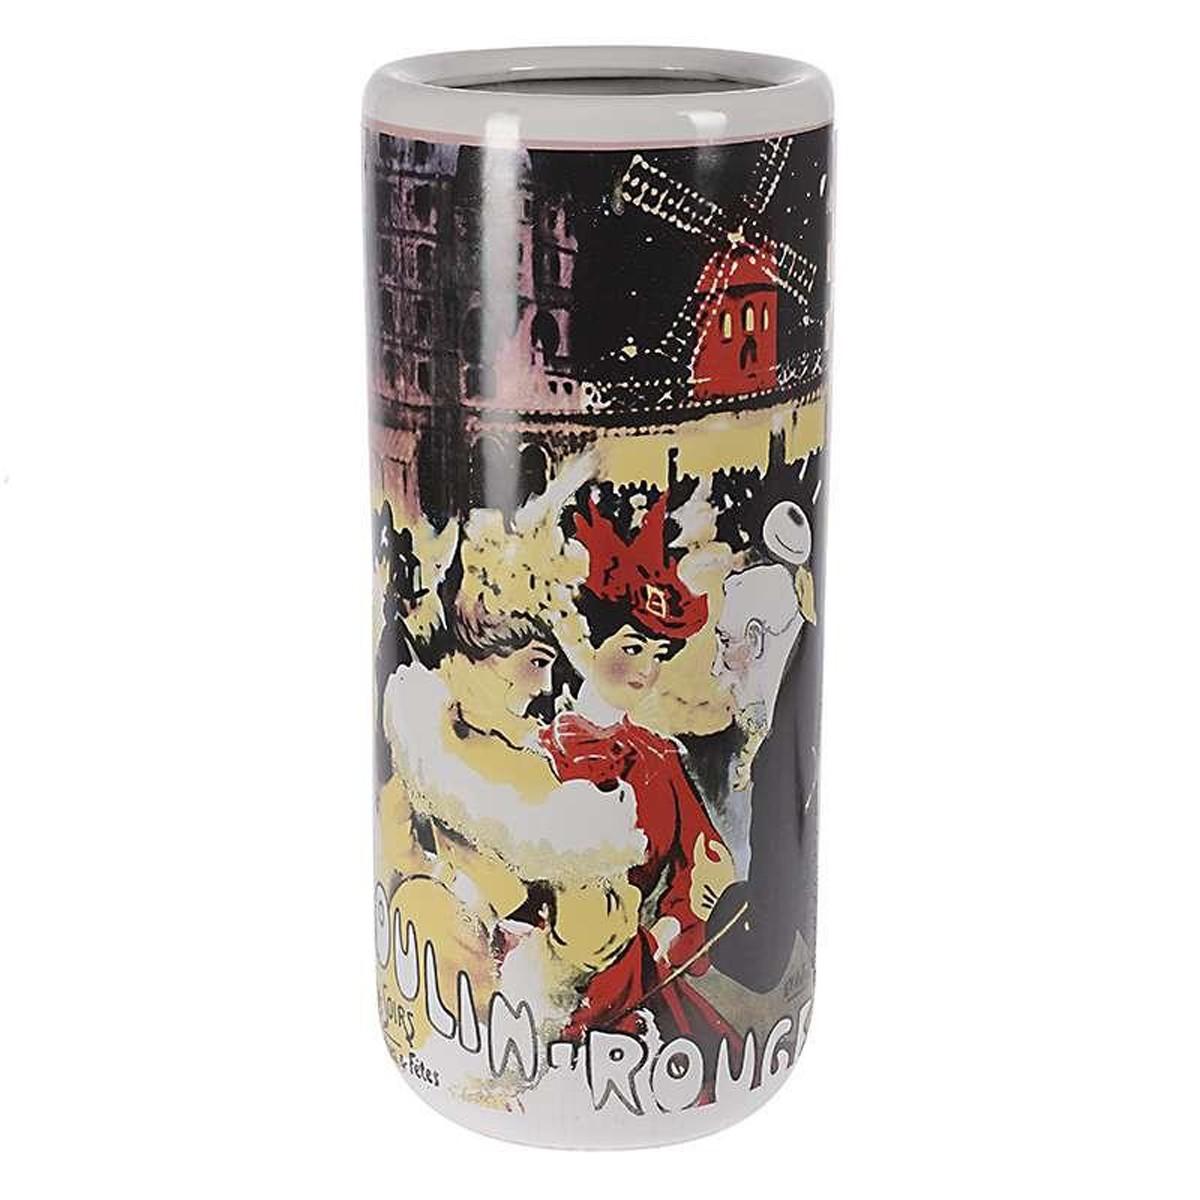 Ομπρελοθήκη InArt Moulin Rouge 3-70-489-0003